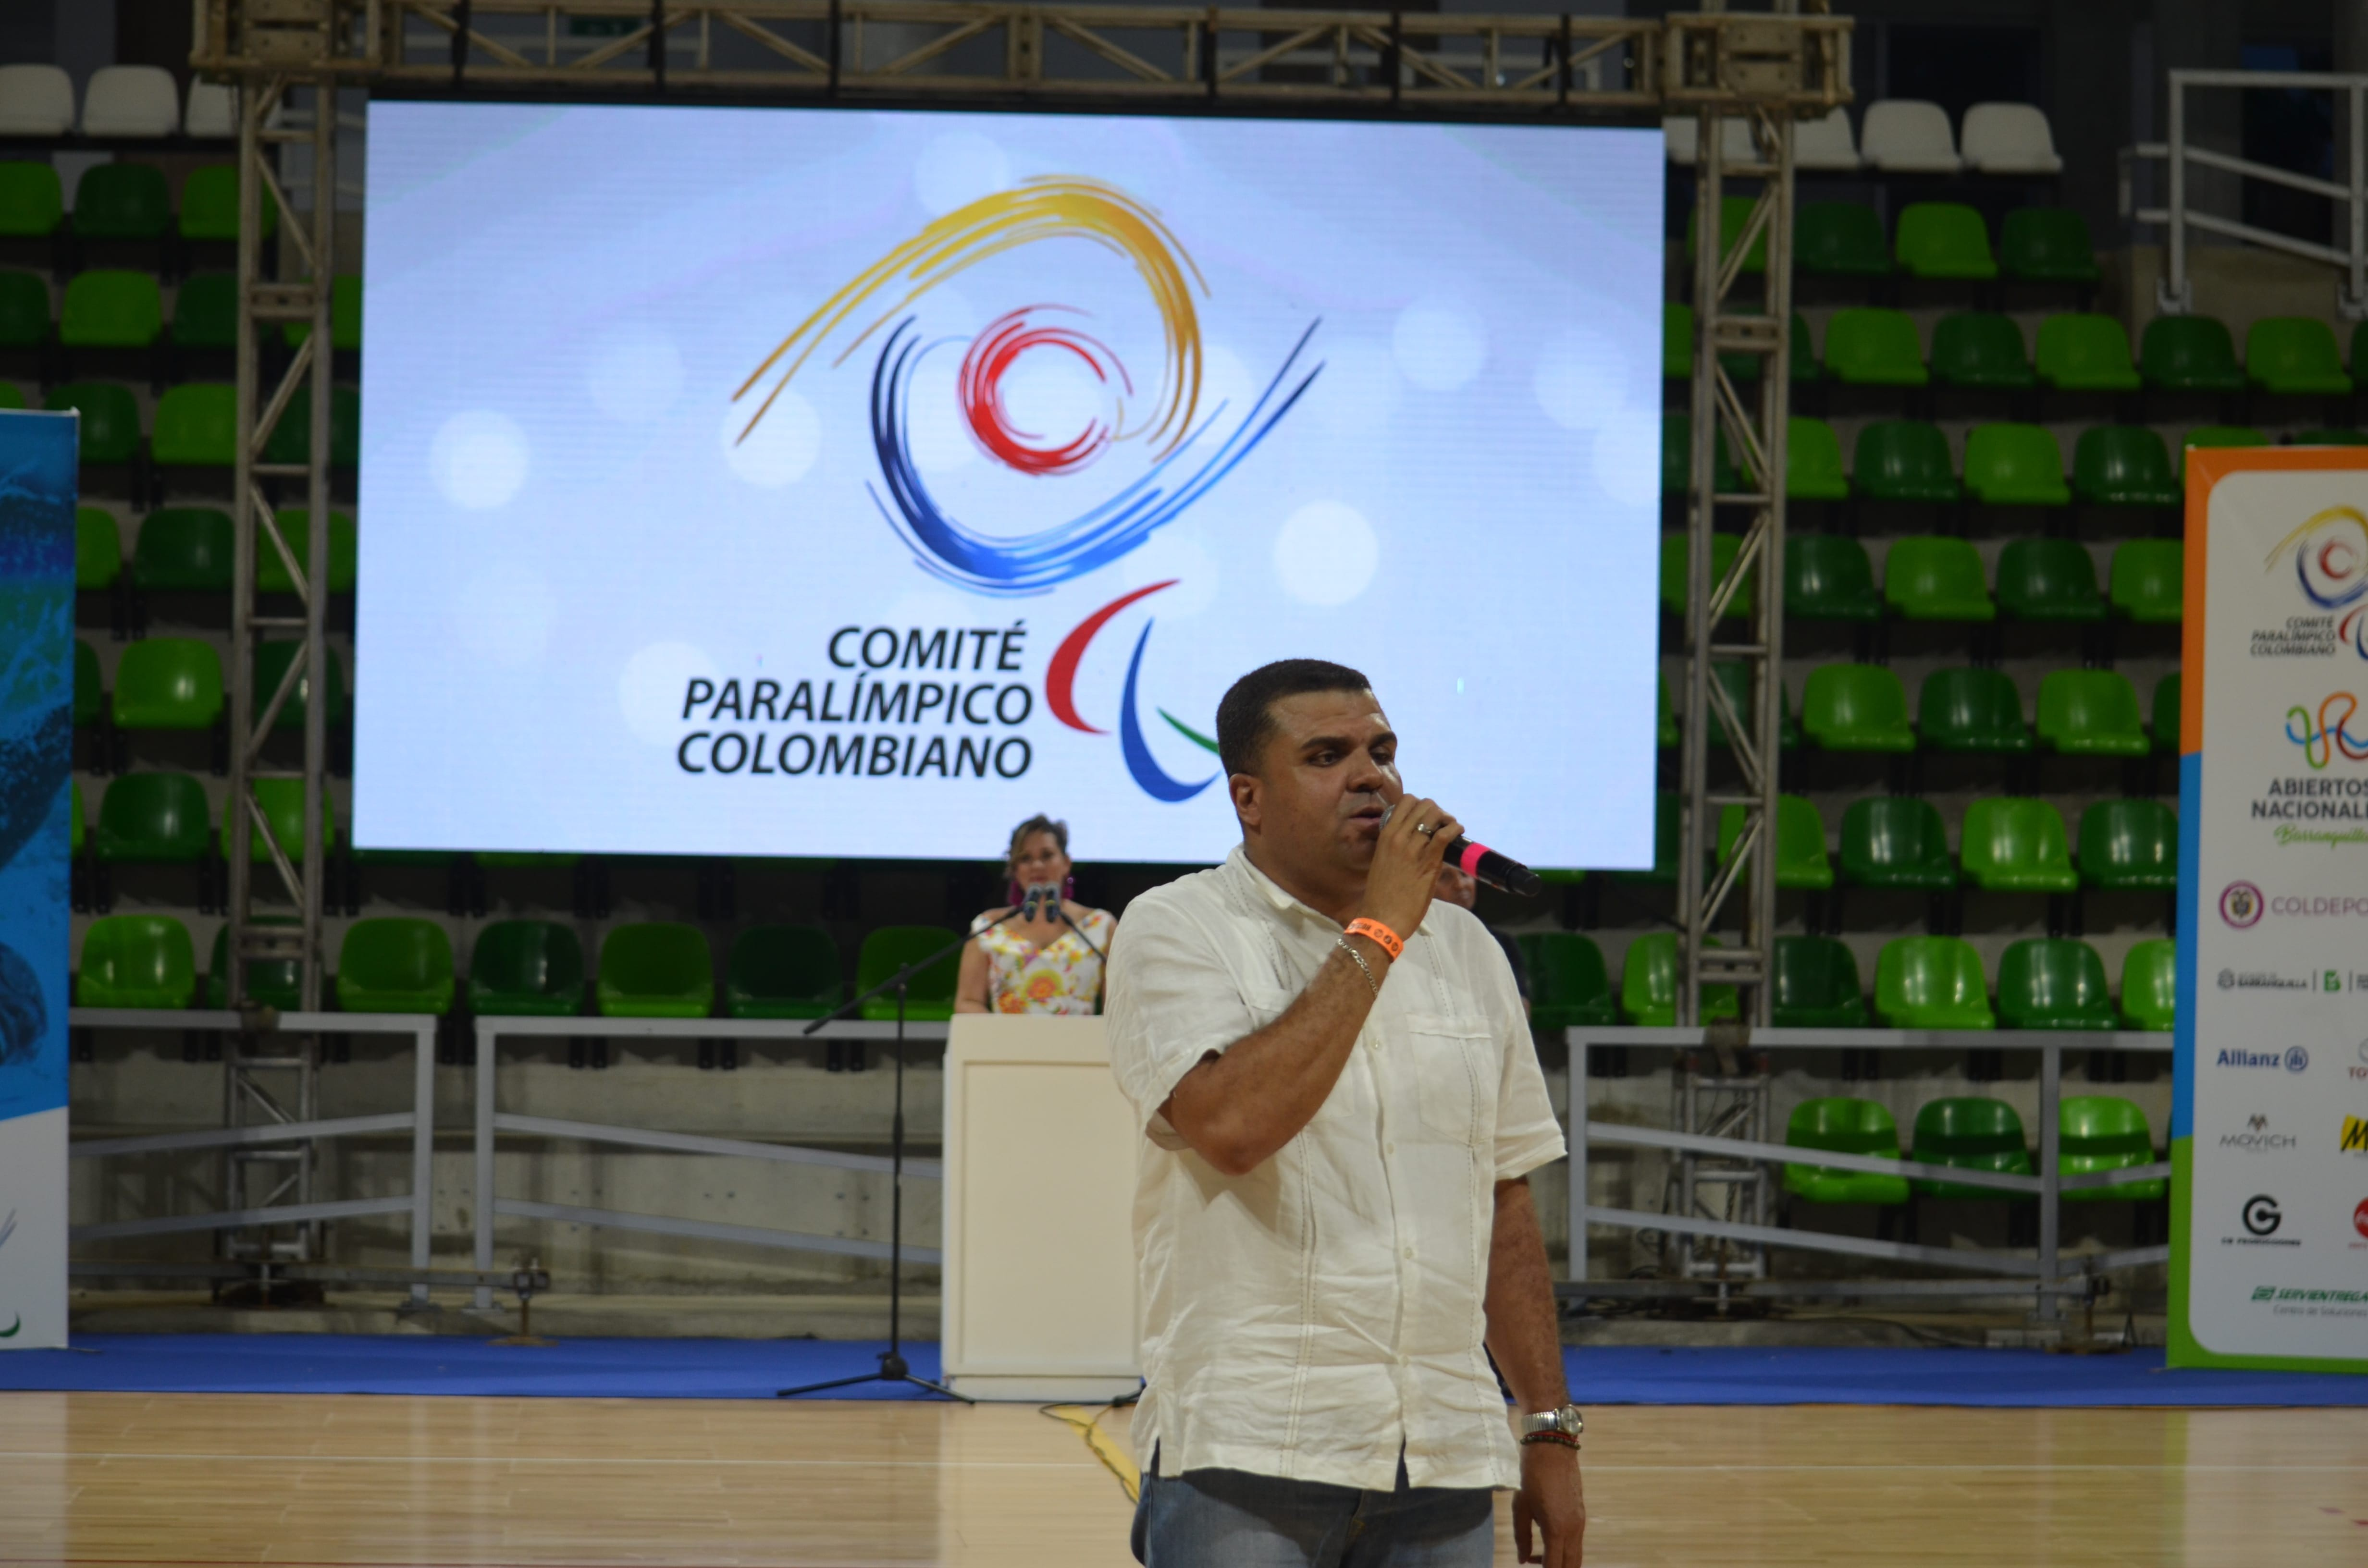 Calendario Carnaval 2019 Salvador Actual Secci³n Ité Paralmpico Colombiano Of Calendario Carnaval 2019 Salvador Recientes Neymar Jr